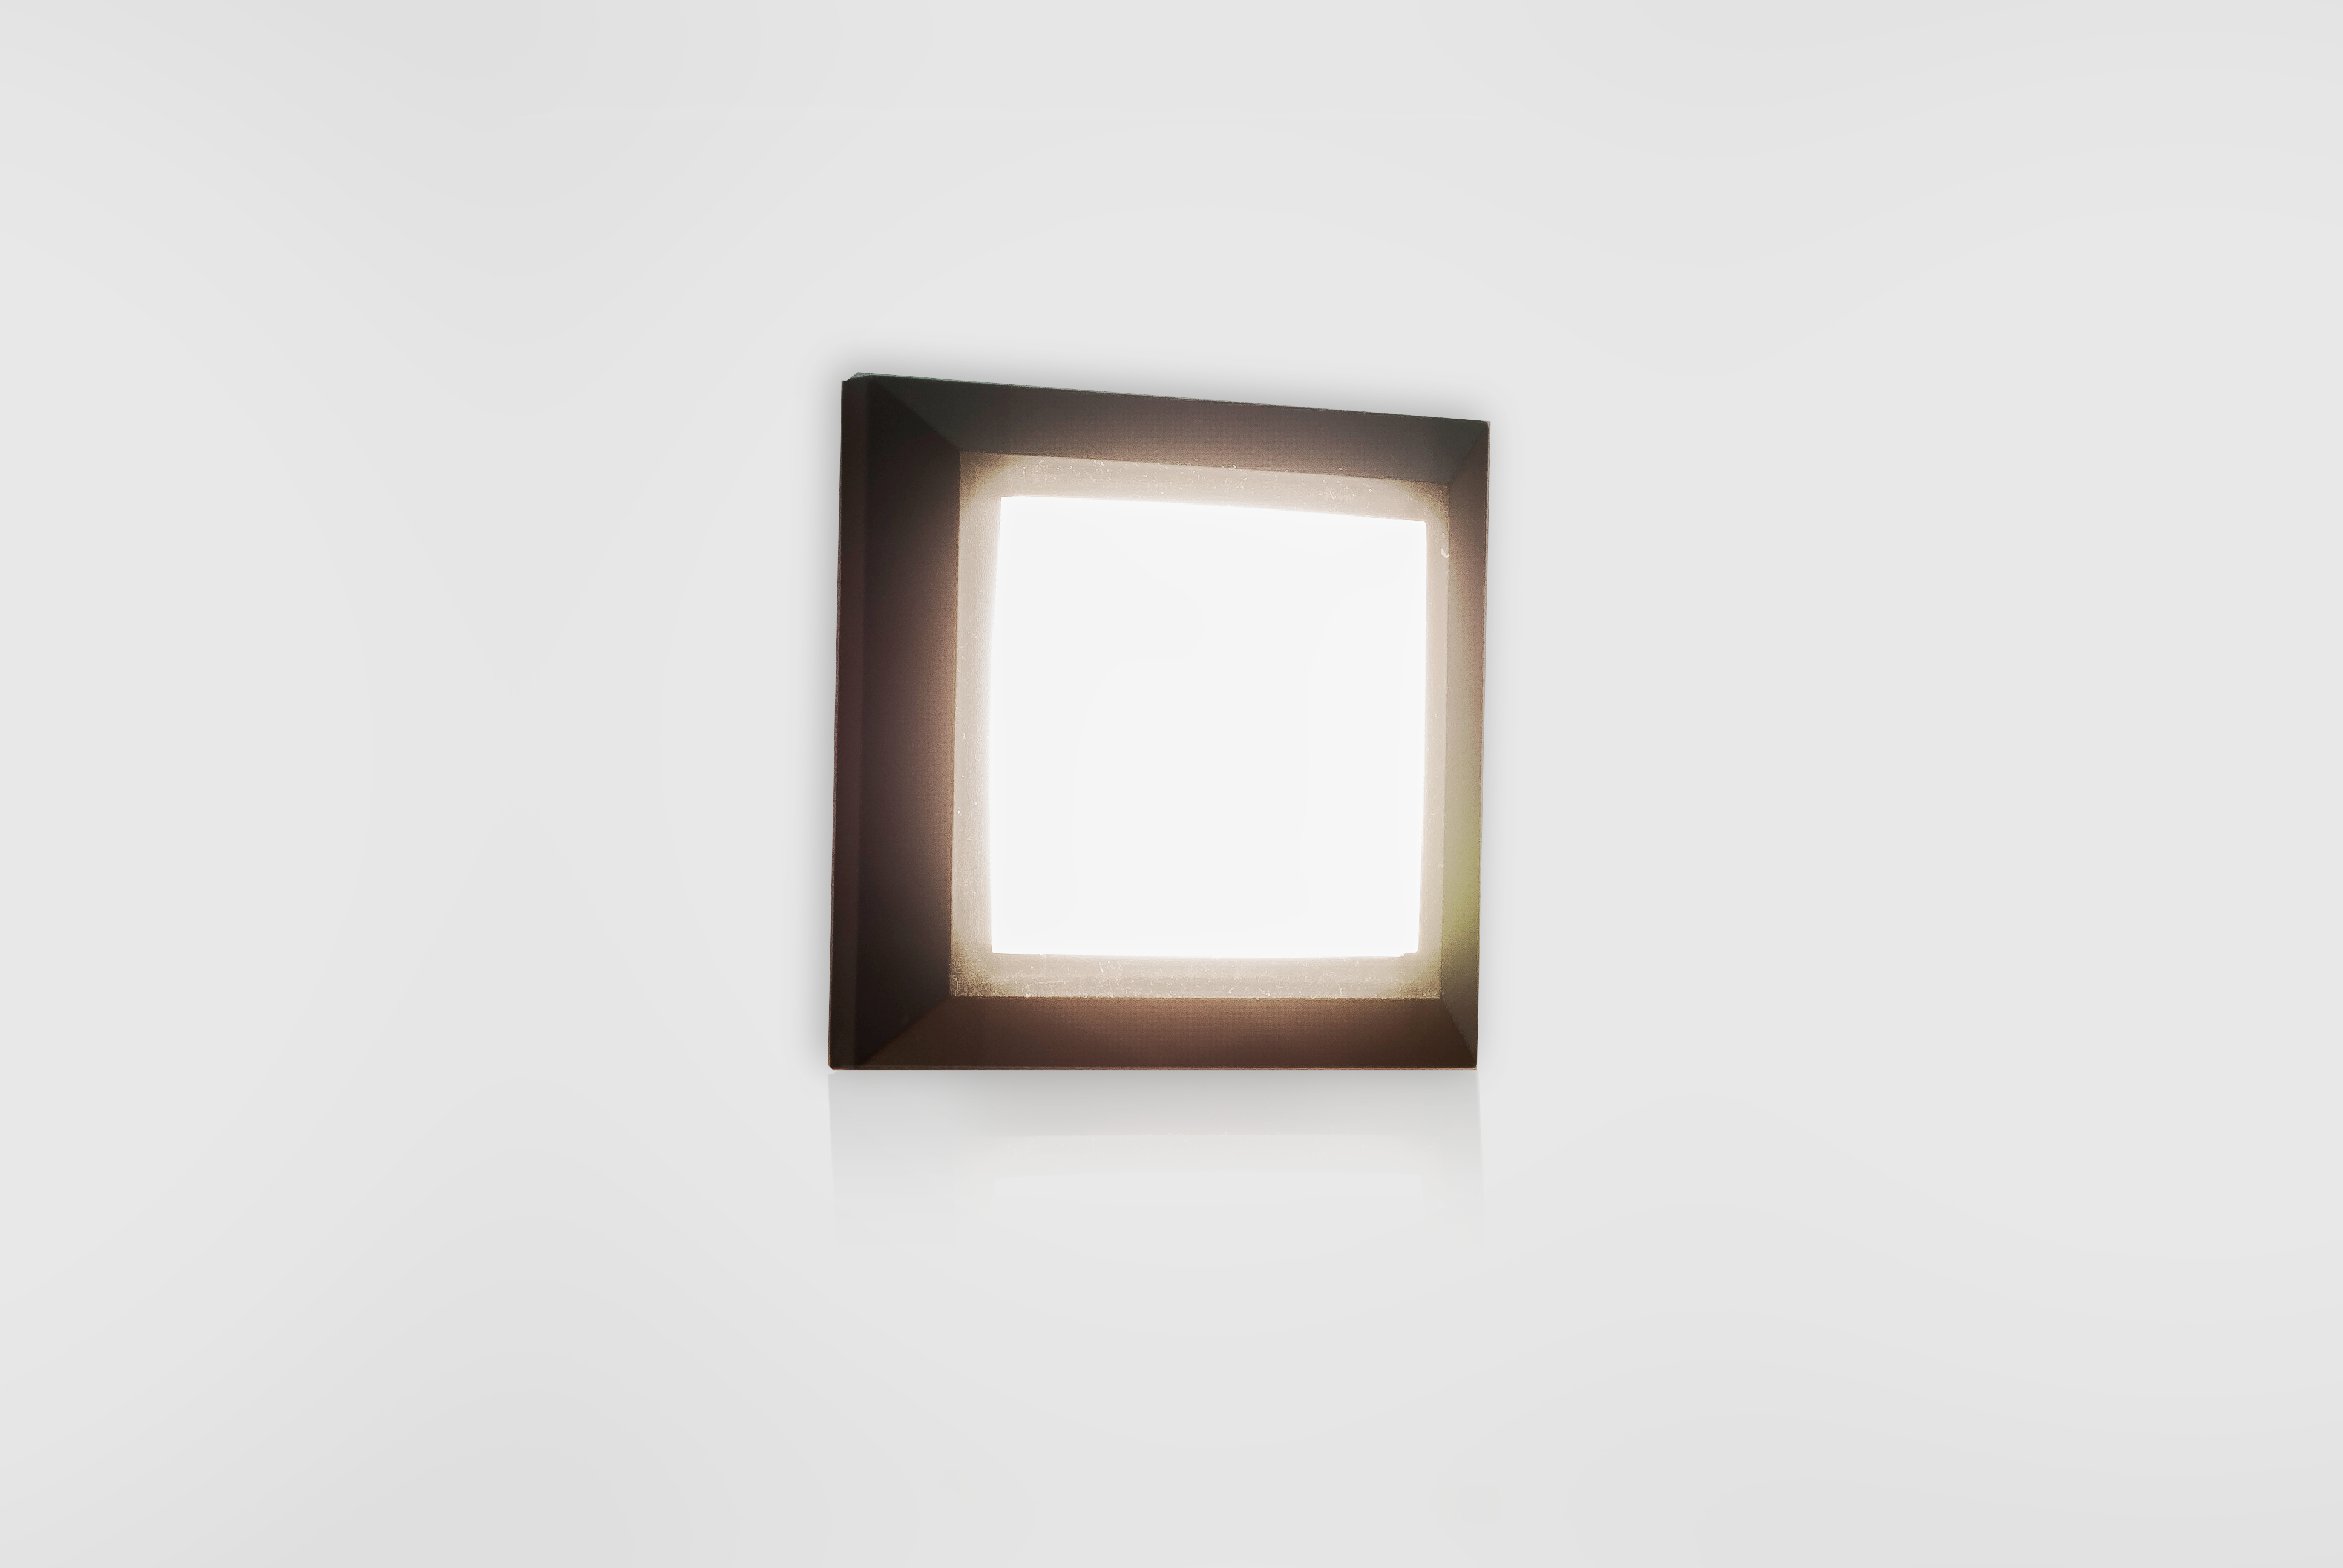 Plafoniere Per Esterno Ip65 : Segnaviale fissaggio a parete :: prova sito::: faretto led